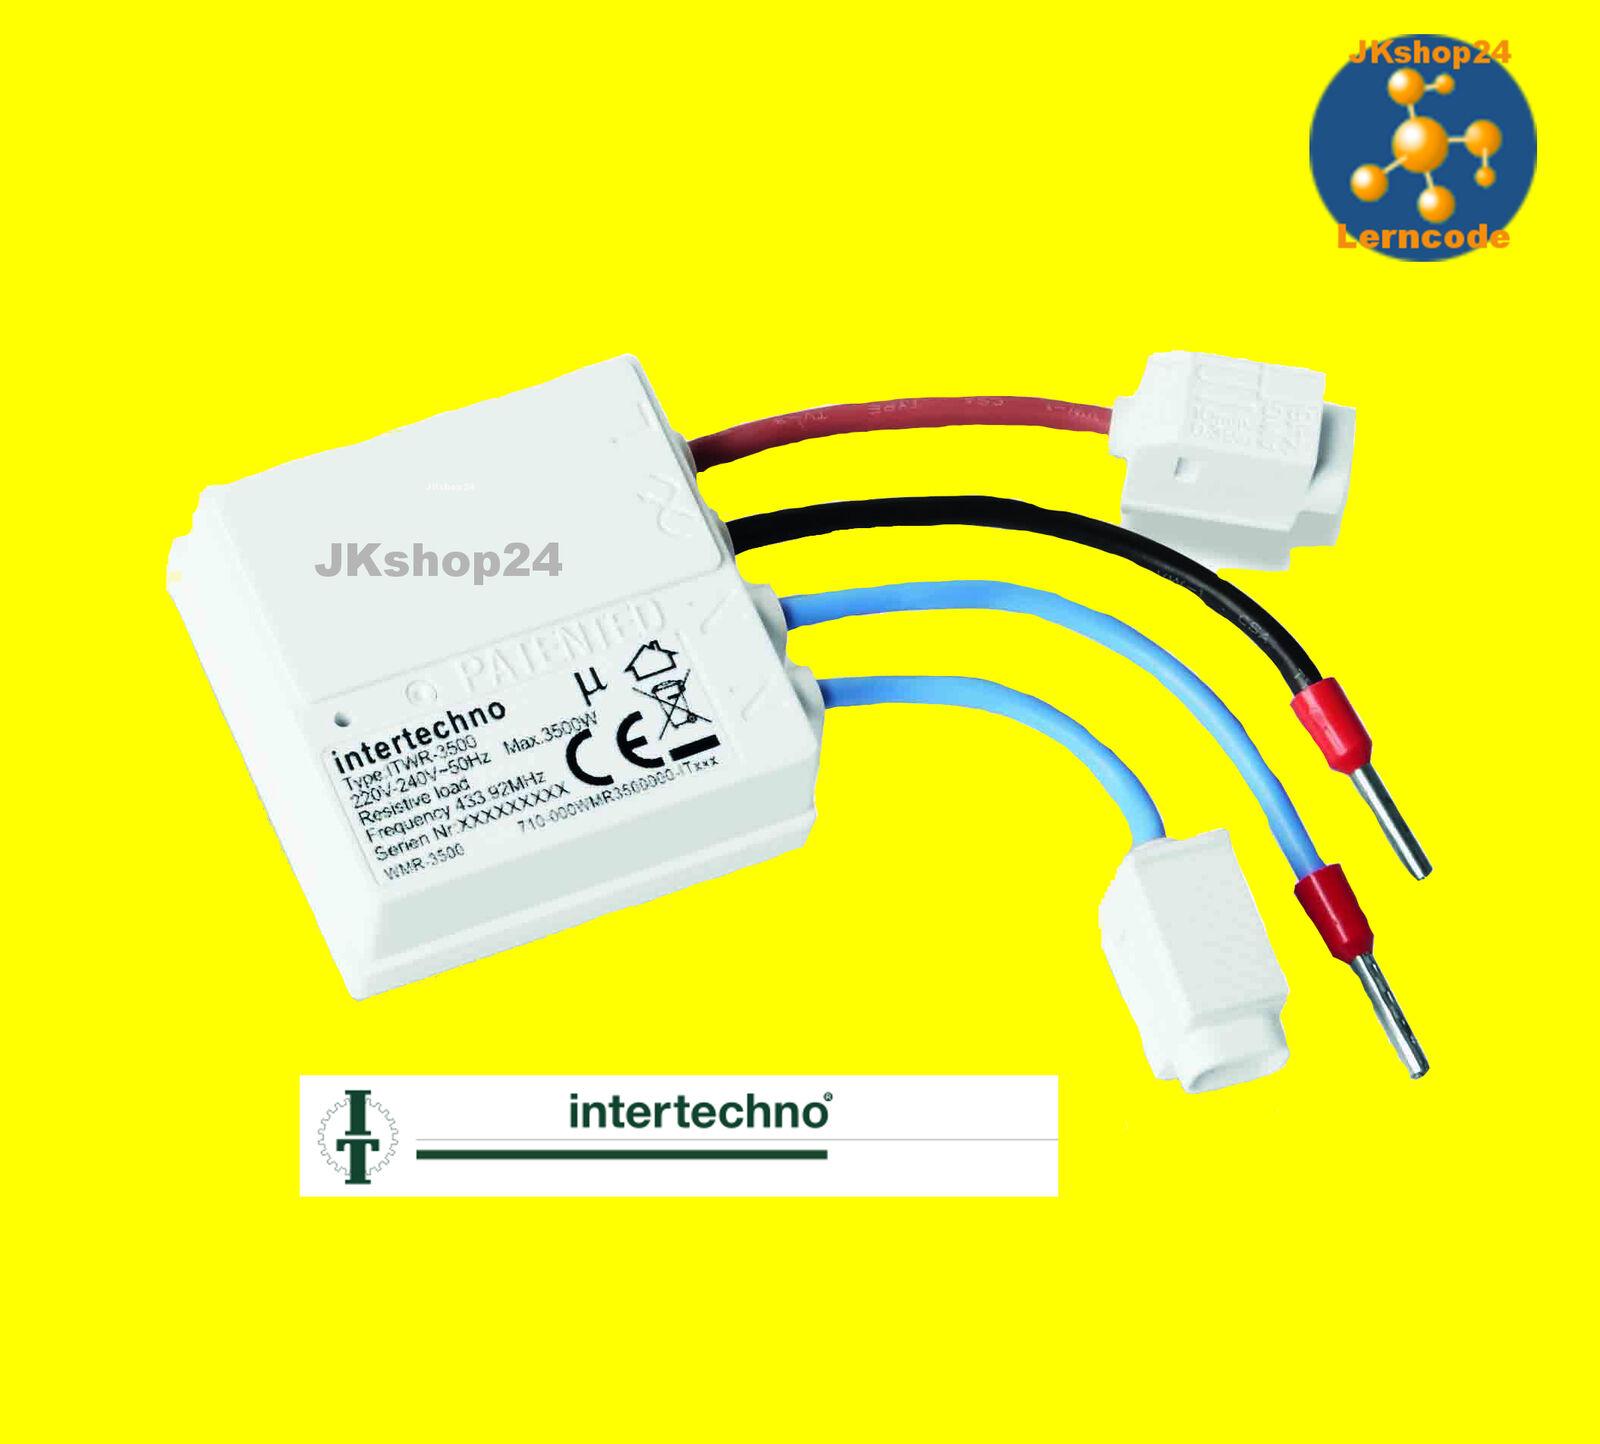 ITWR-3500 W POWER FUNK-SCHALTER f.Lampen LED Geräte Intertechno Einbau-Empfänger | Ich kann es nicht ablegen